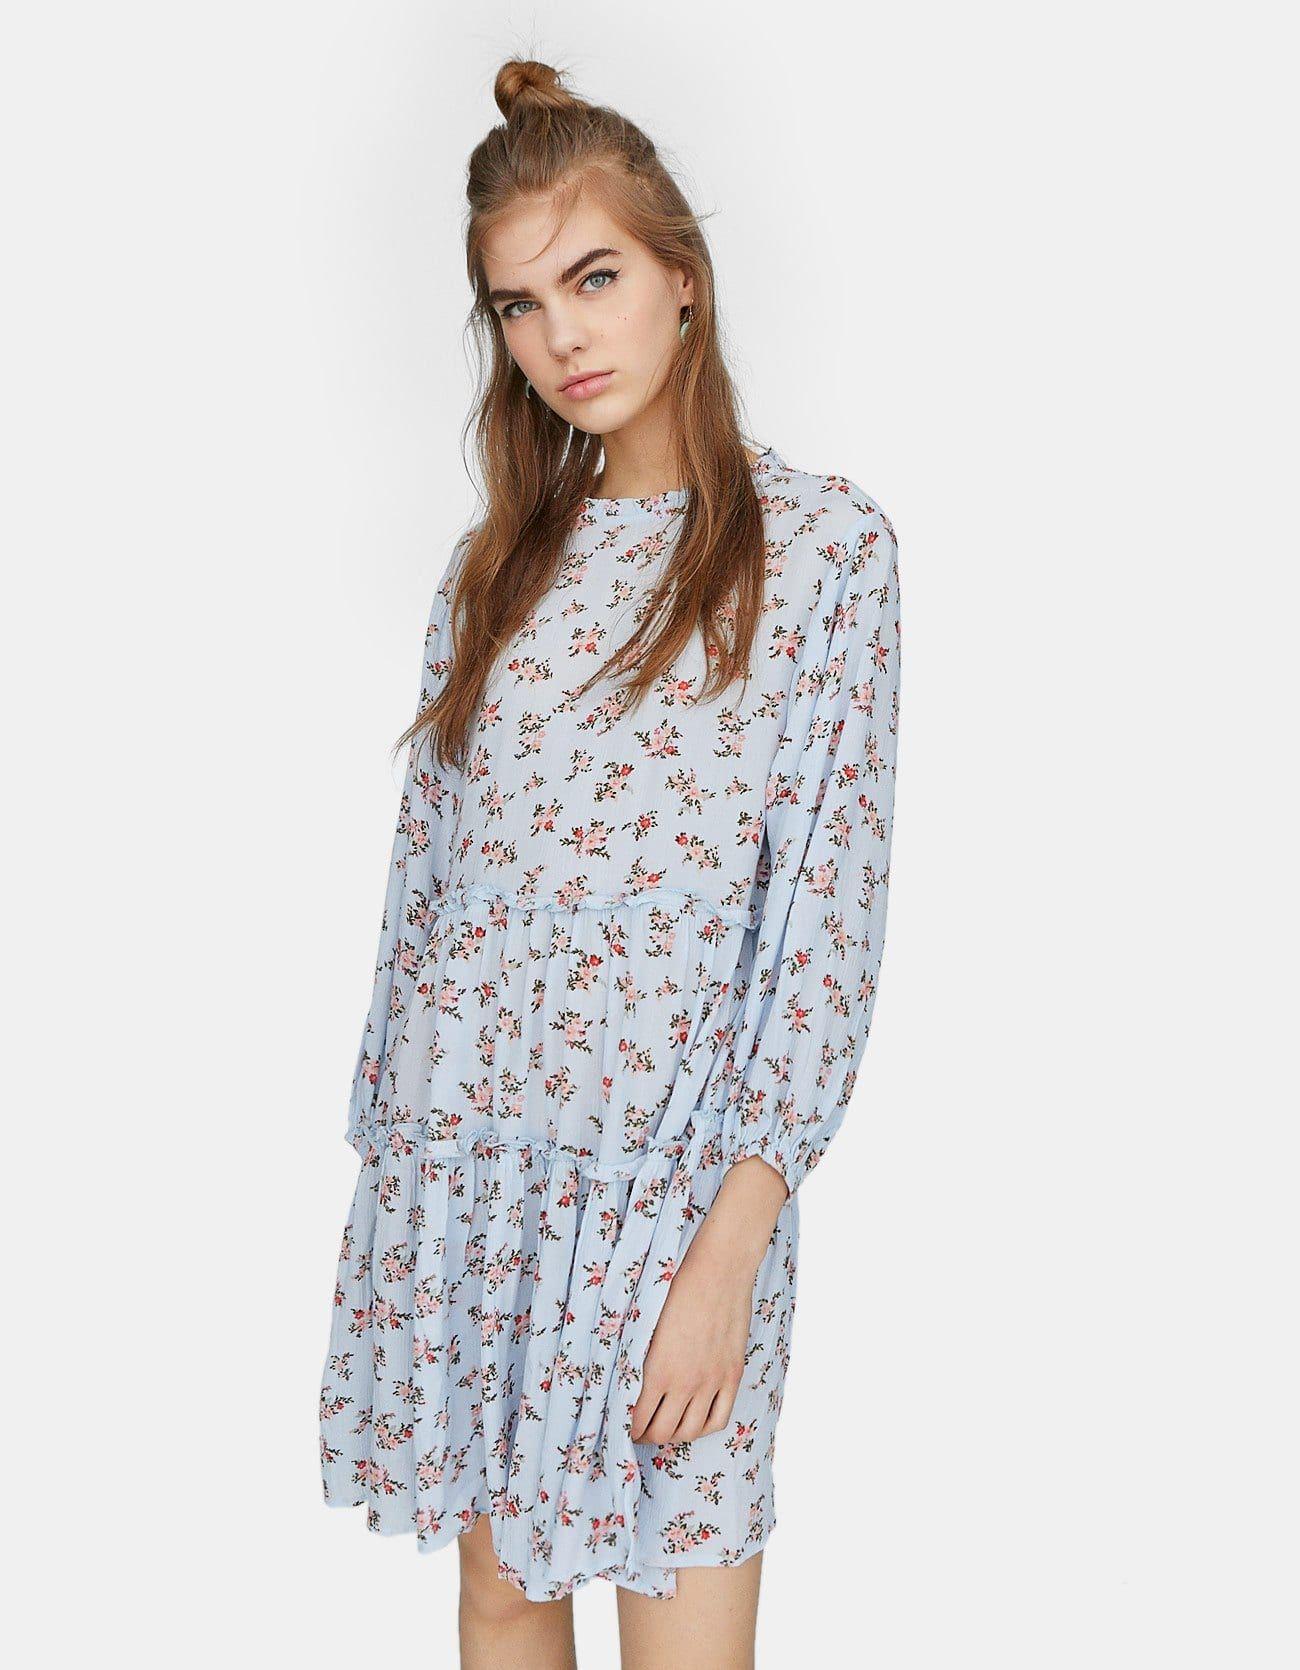 61c77630c9 25 formas de llevar el vestido de las influencers - El vestido campestre  que tienen todas las influencers